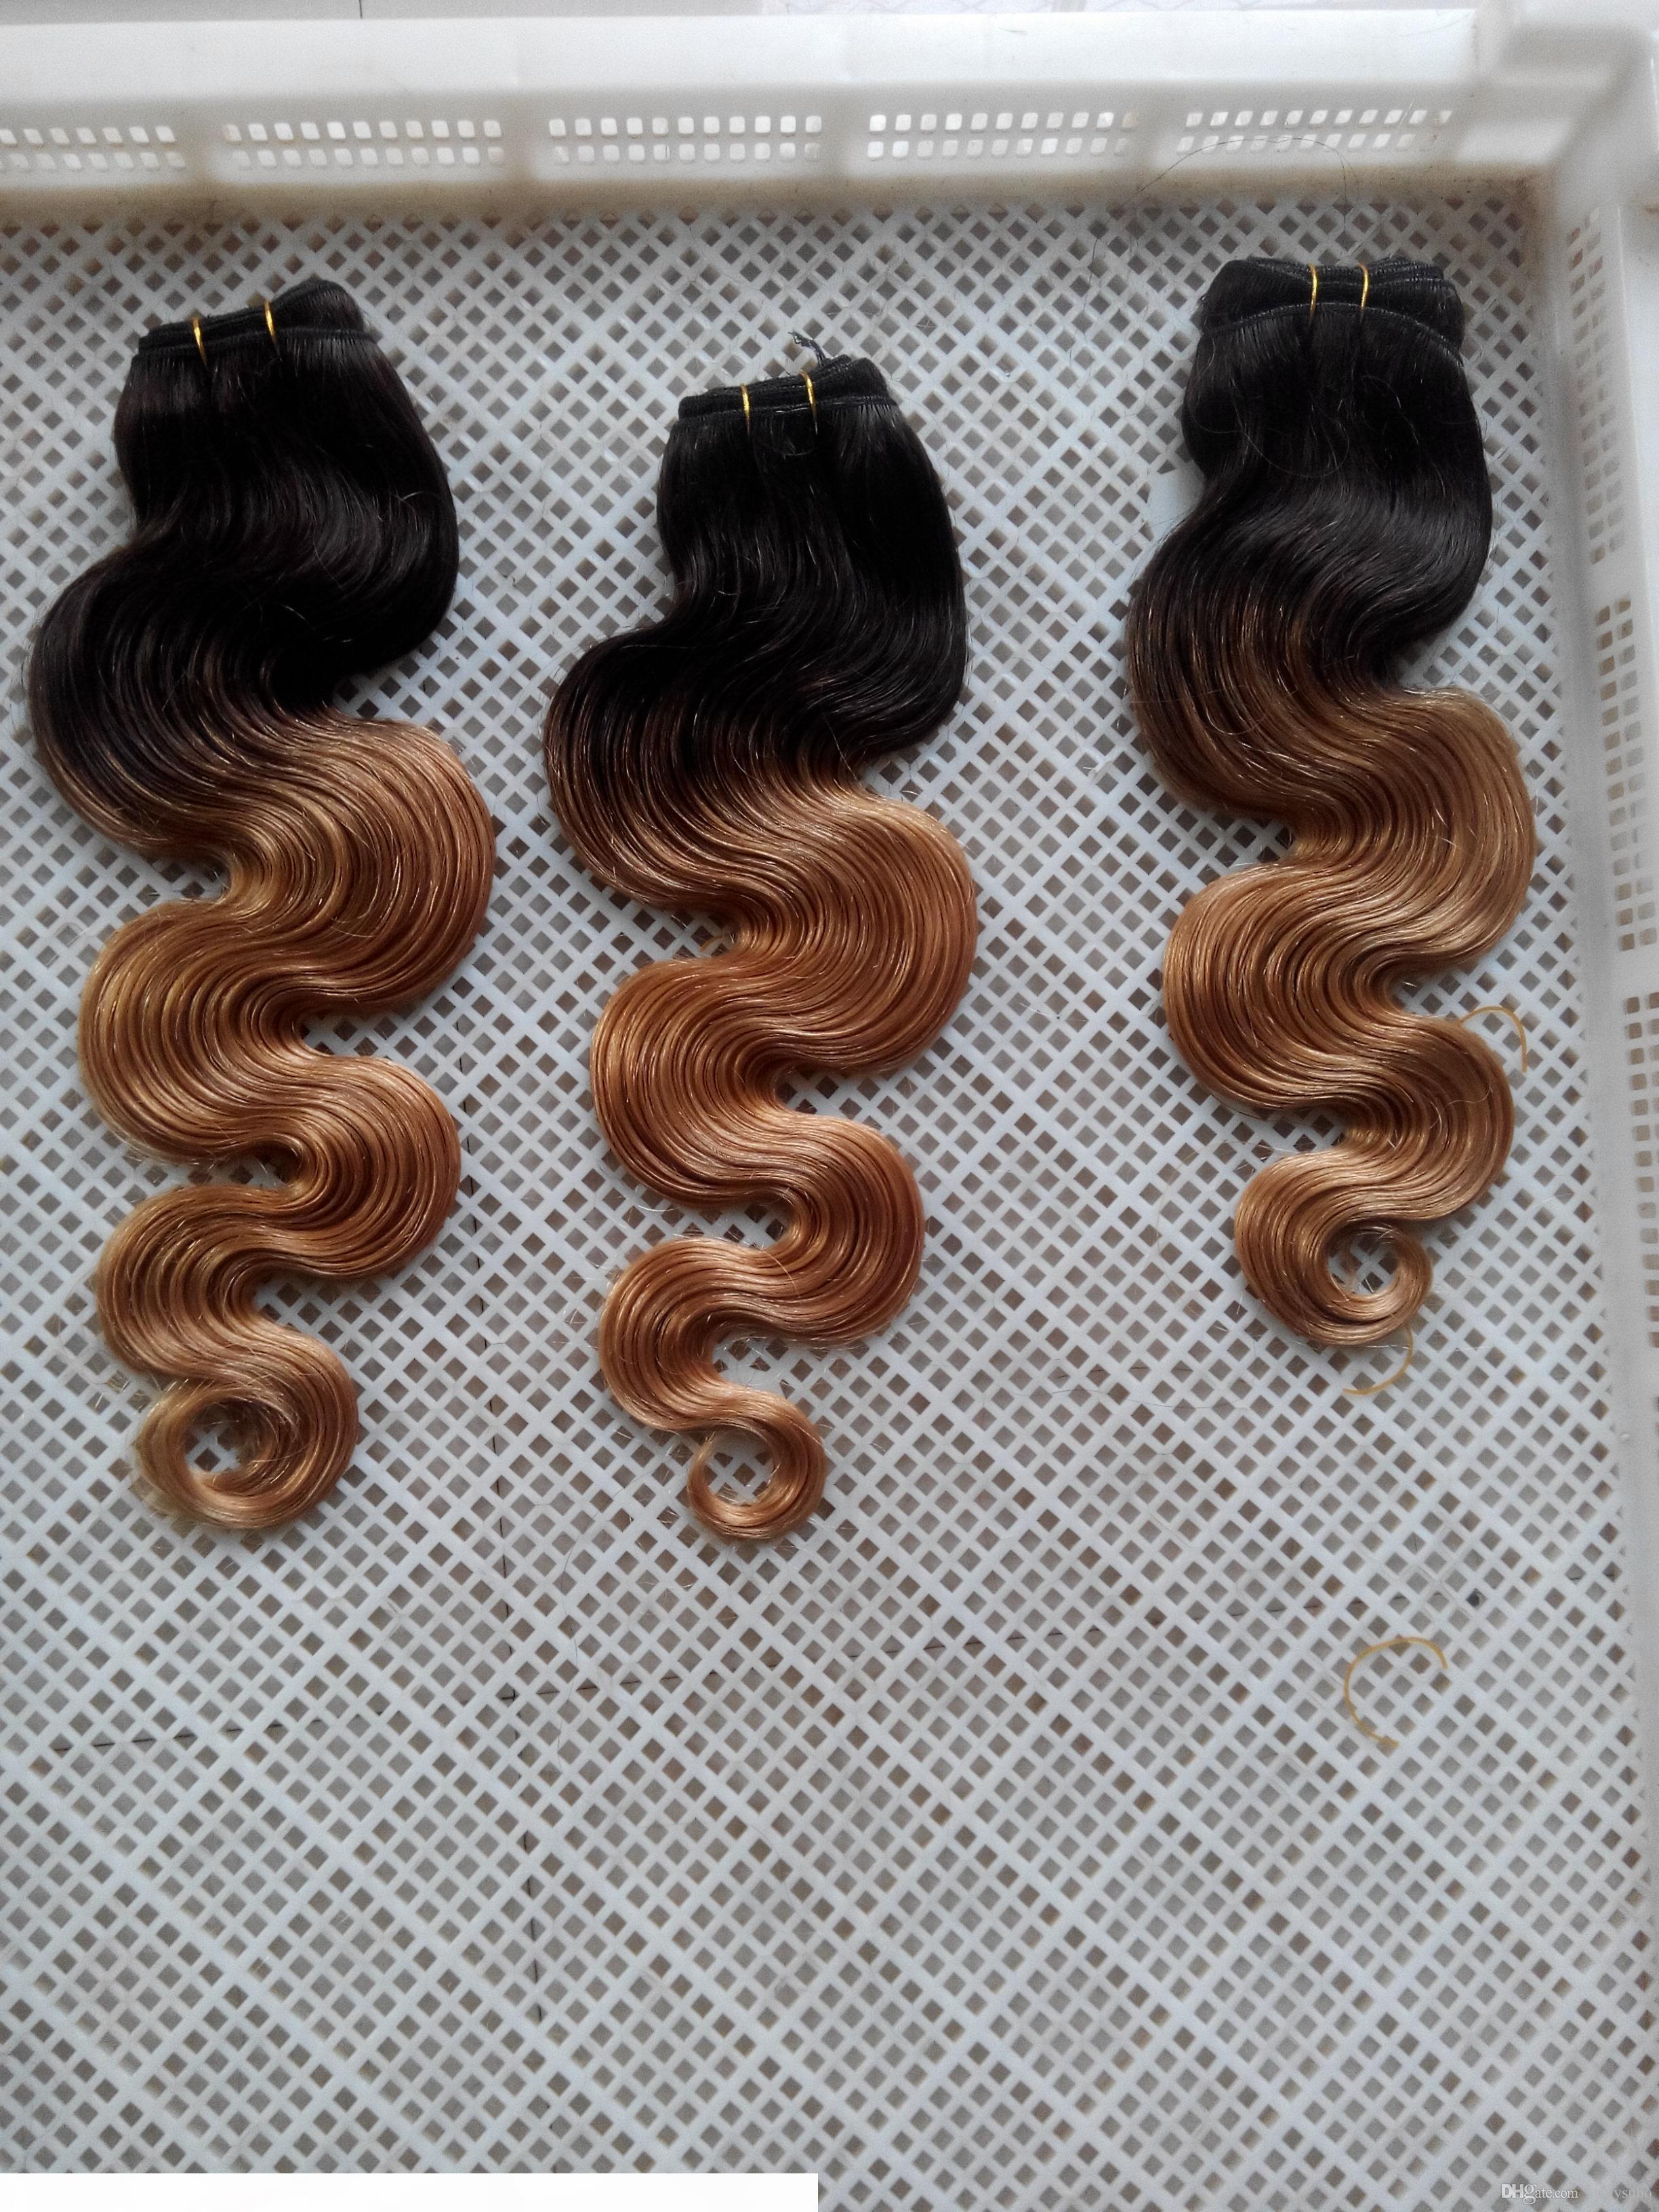 Similler 10-30 inchs Uzun Sentetik Vücut Dalga Saç Uzantıları Ombre İki Sesleri Çift Atkı% 100 İnsan Saç Dokuma